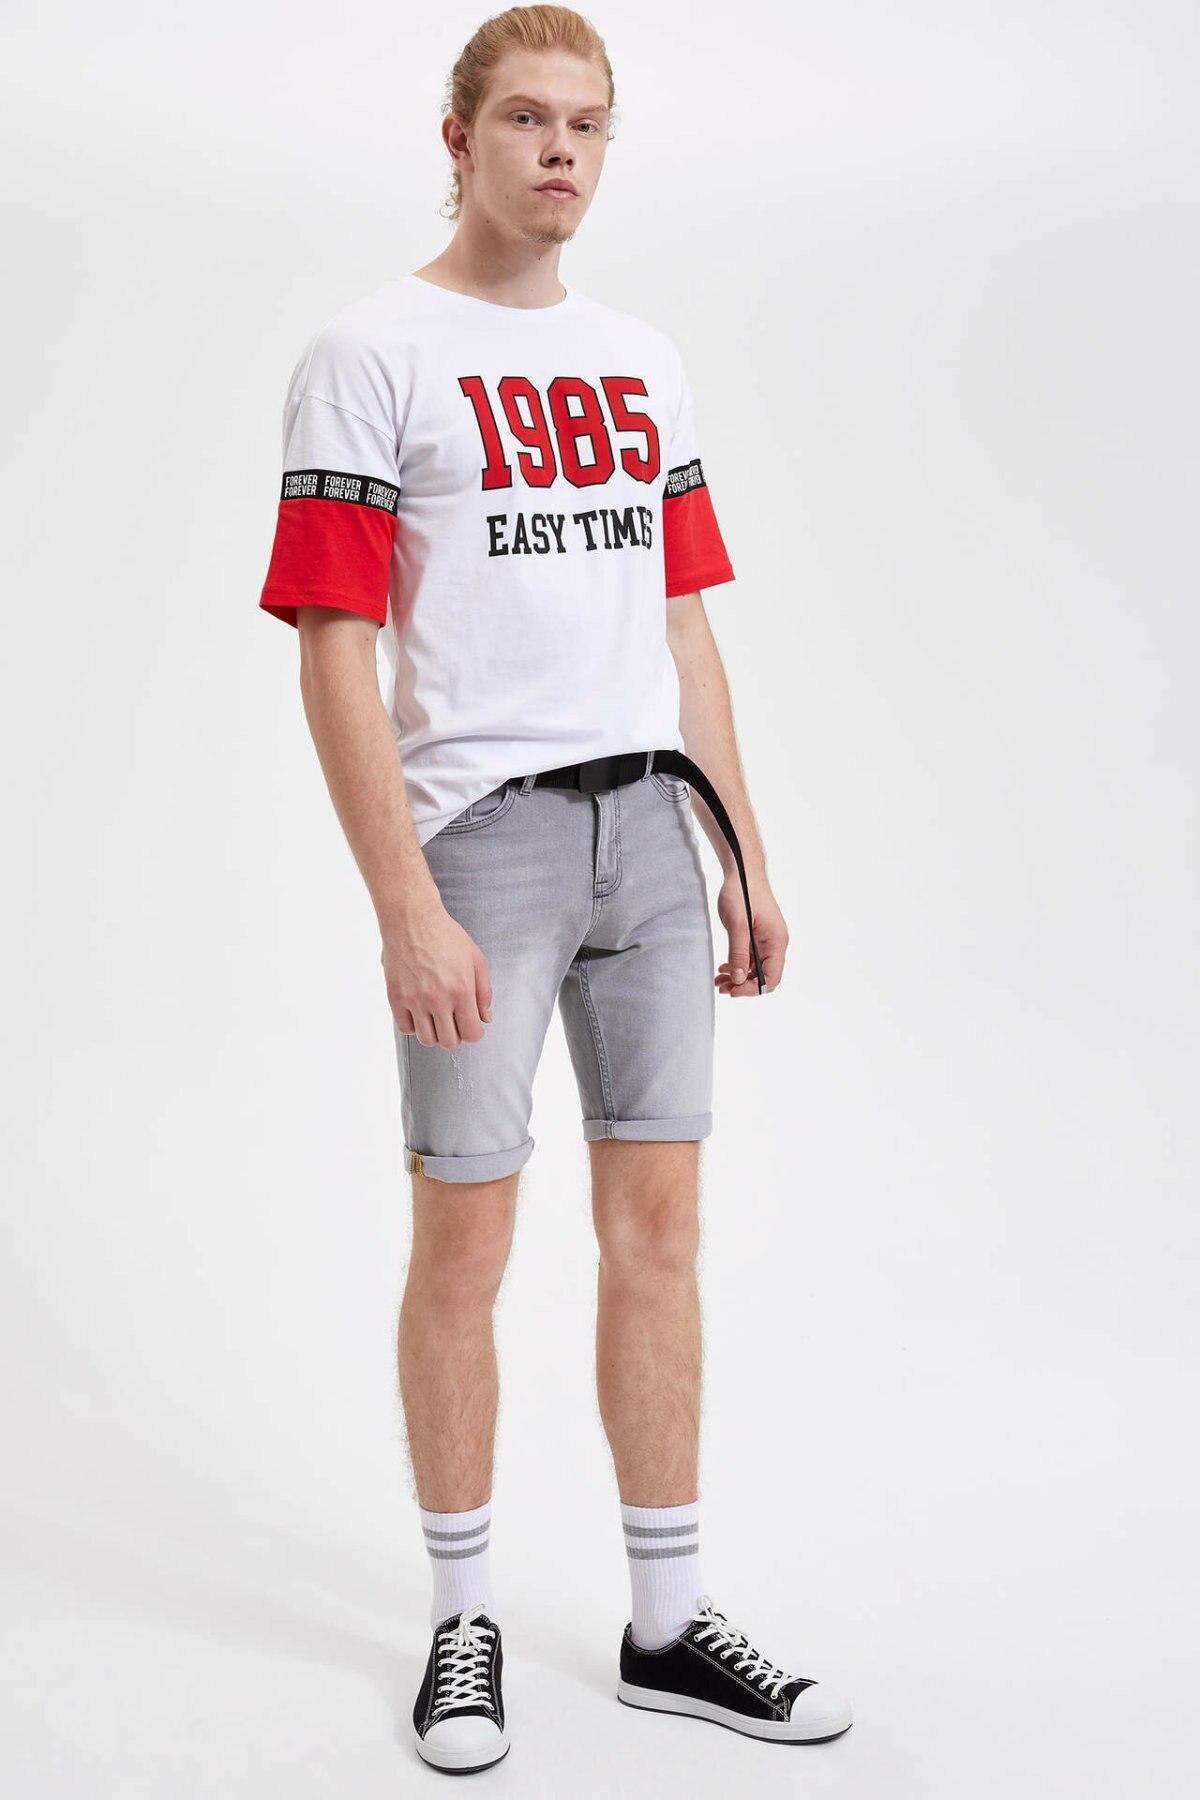 DeFacto Fashion Male Short Pants High Quality Men's Casual Loose Simple Jeans Shorts Black Summer Light Blue - L0191AZ19SM